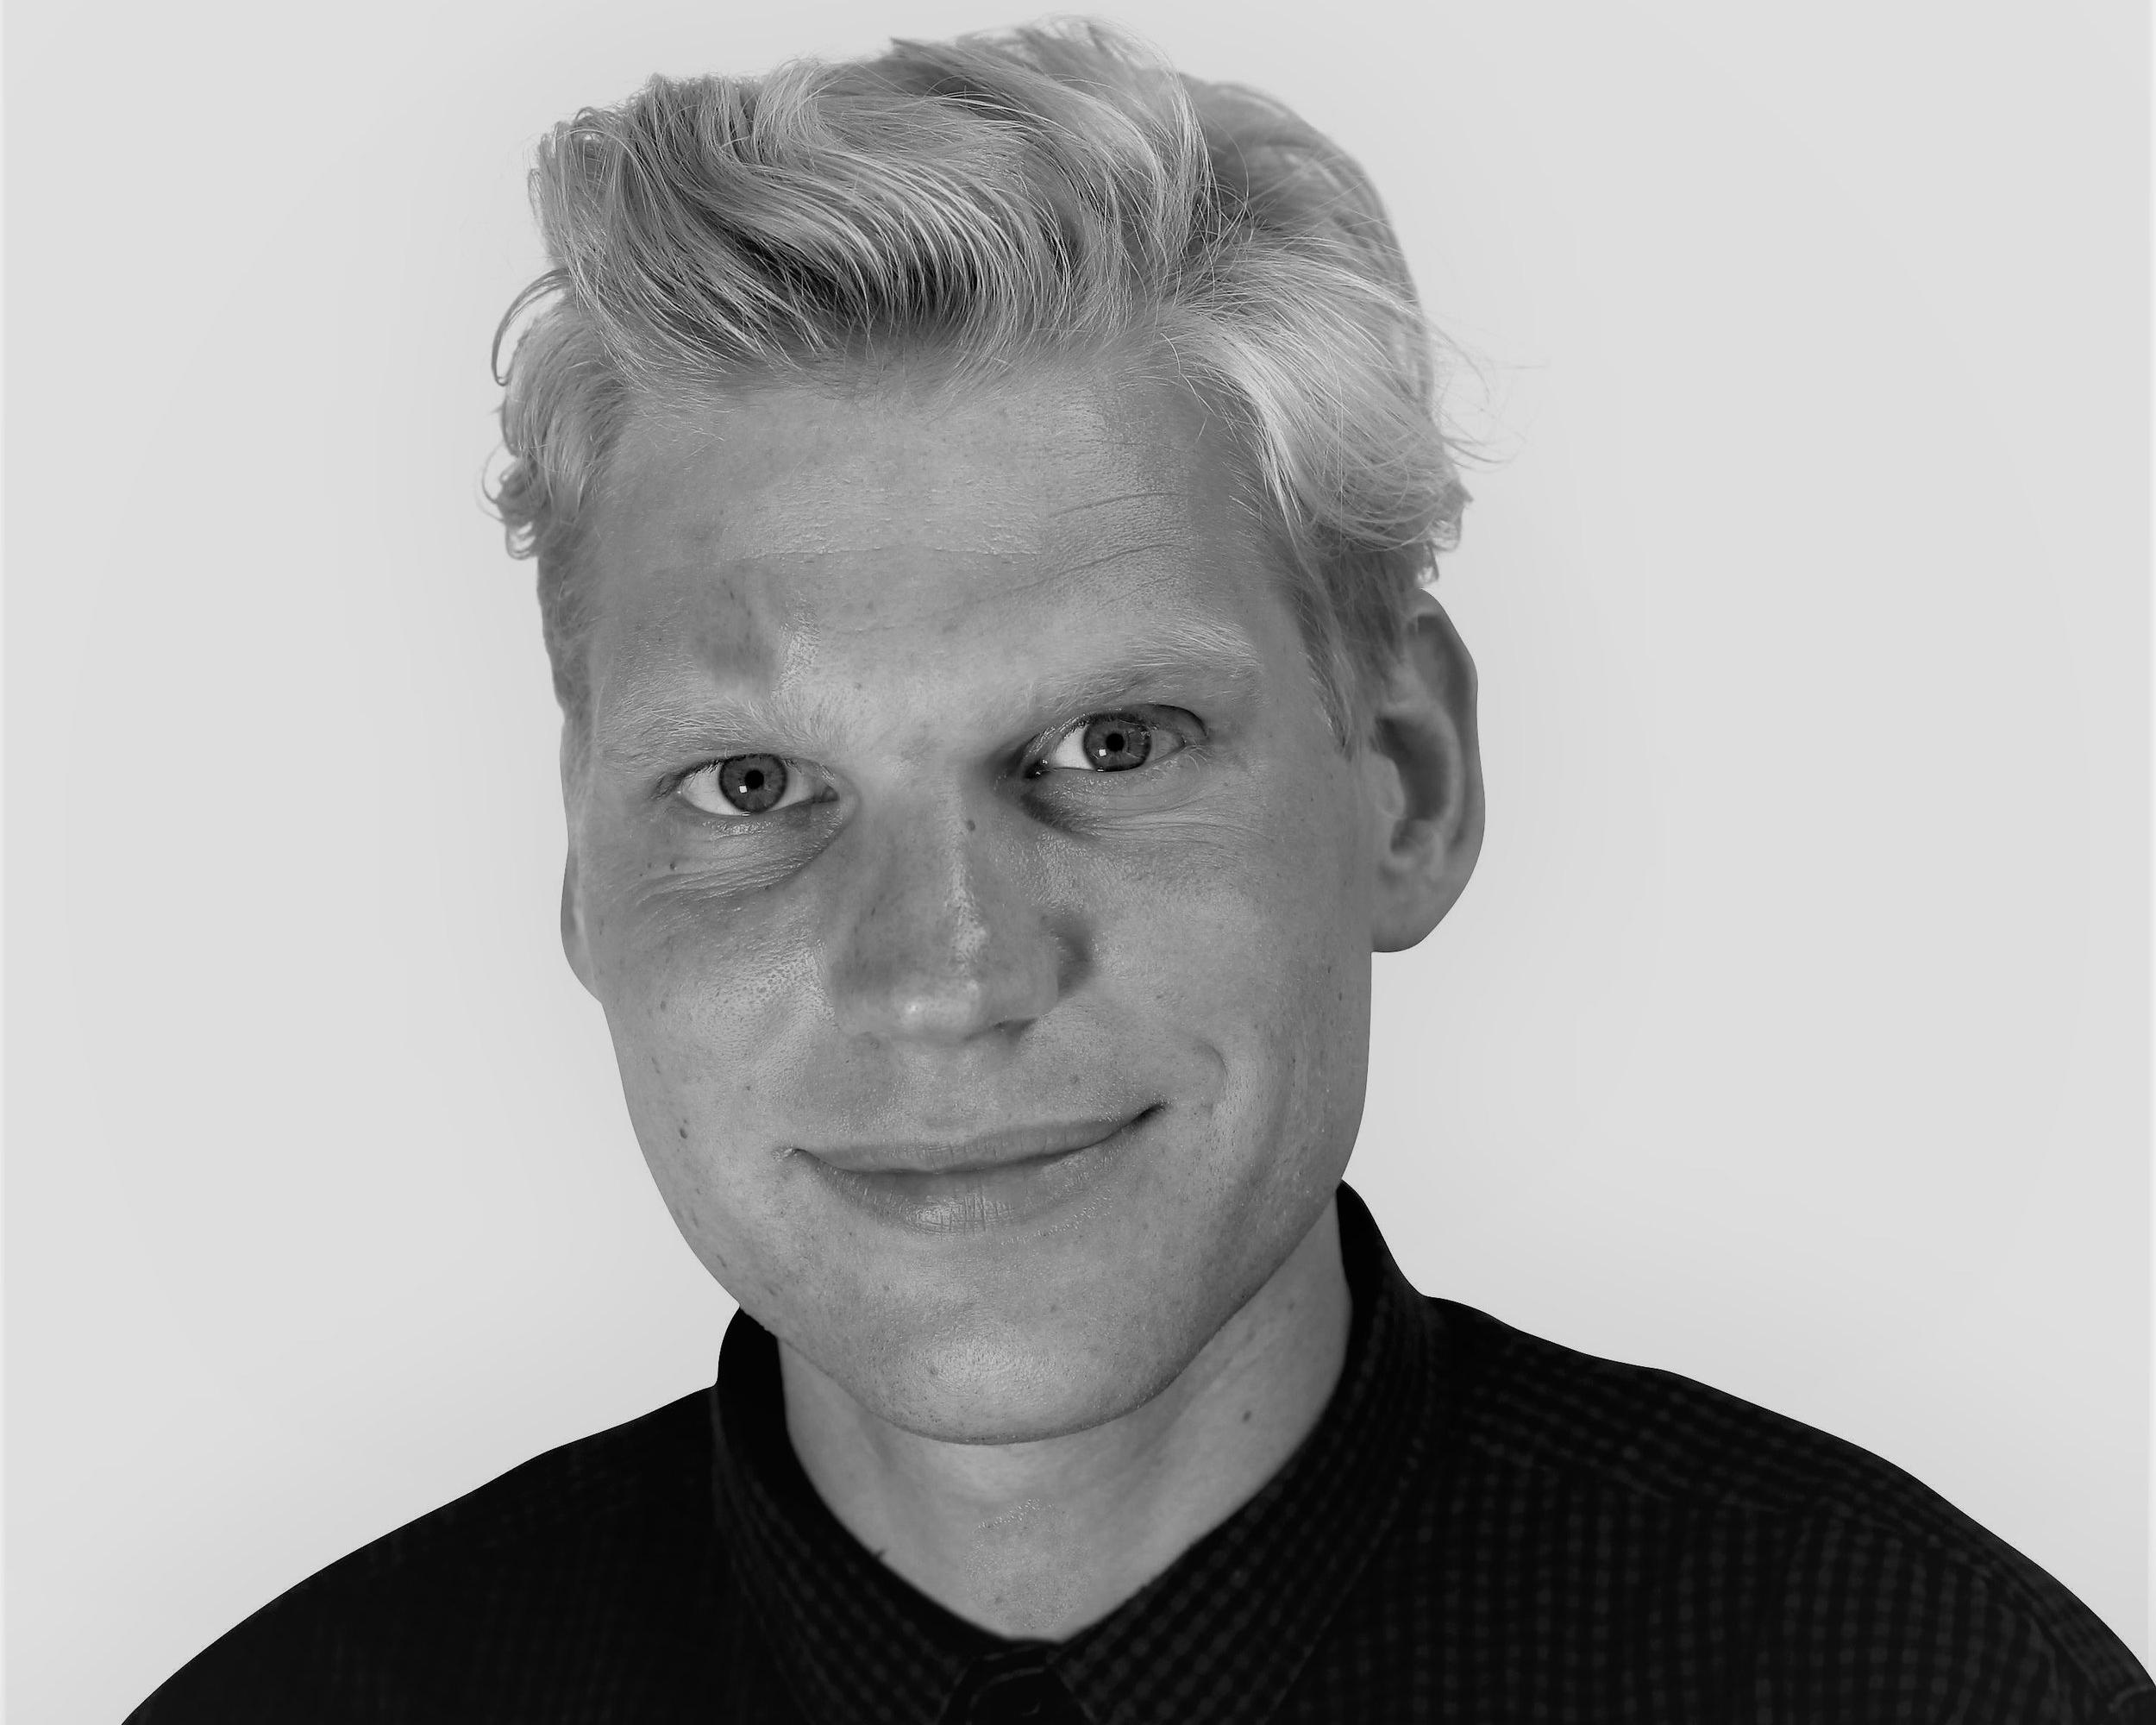 LAUST LETH-GREGERSEN   BESTYRELSESMEDLEM  Laust er politisk chef i Red Barnet og arbejder for at sikre, at børns rettigheder ifølge FNs børnekonvention bliver respekteret i dansk og international lovgivning og administration. Han er formand for  Globalt Fokus , der er en samlende platform for 80 danske foreninger og folkelige organisationer, der er engageret i internationale udviklings-, miljø- og humanitære aktiviteter.  Laust har tidligere været sekretariatsleder i Concord Danmark, der er en sammenslutning af flere end 1.800 europæiske udviklings- og nødhjælpsorganisationer.